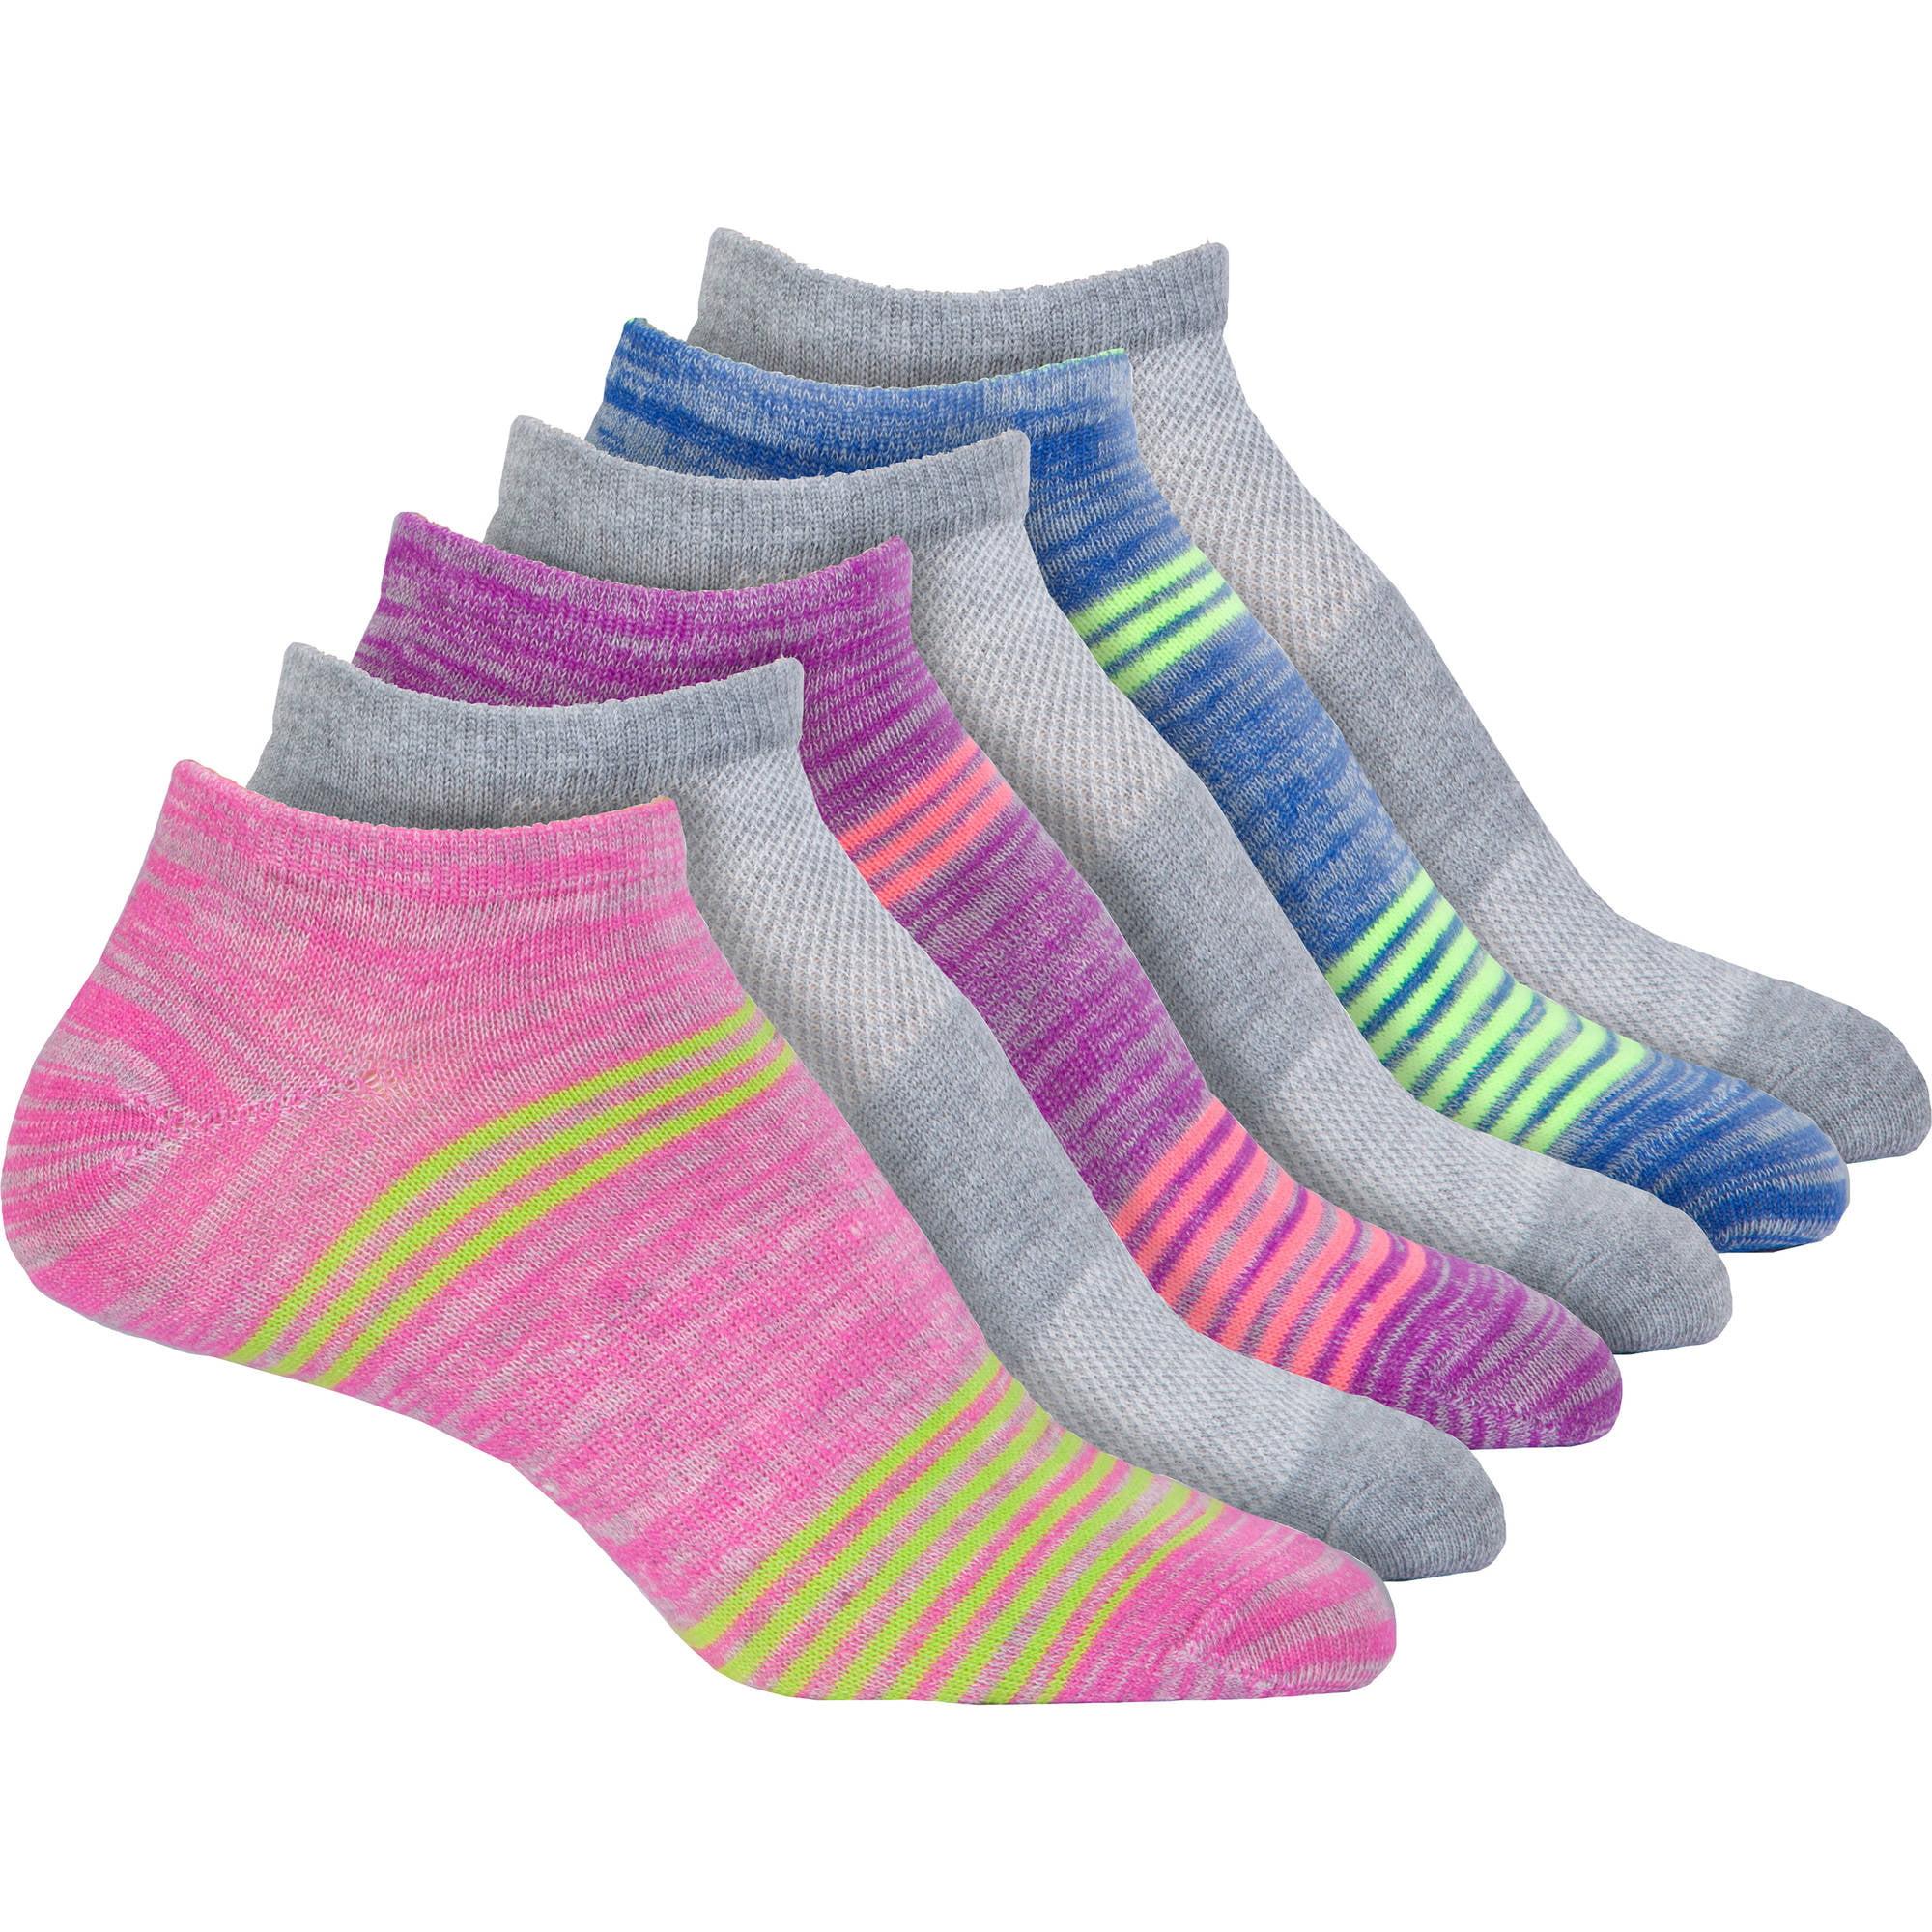 Ultralite NoShow Socks, Pack of 6